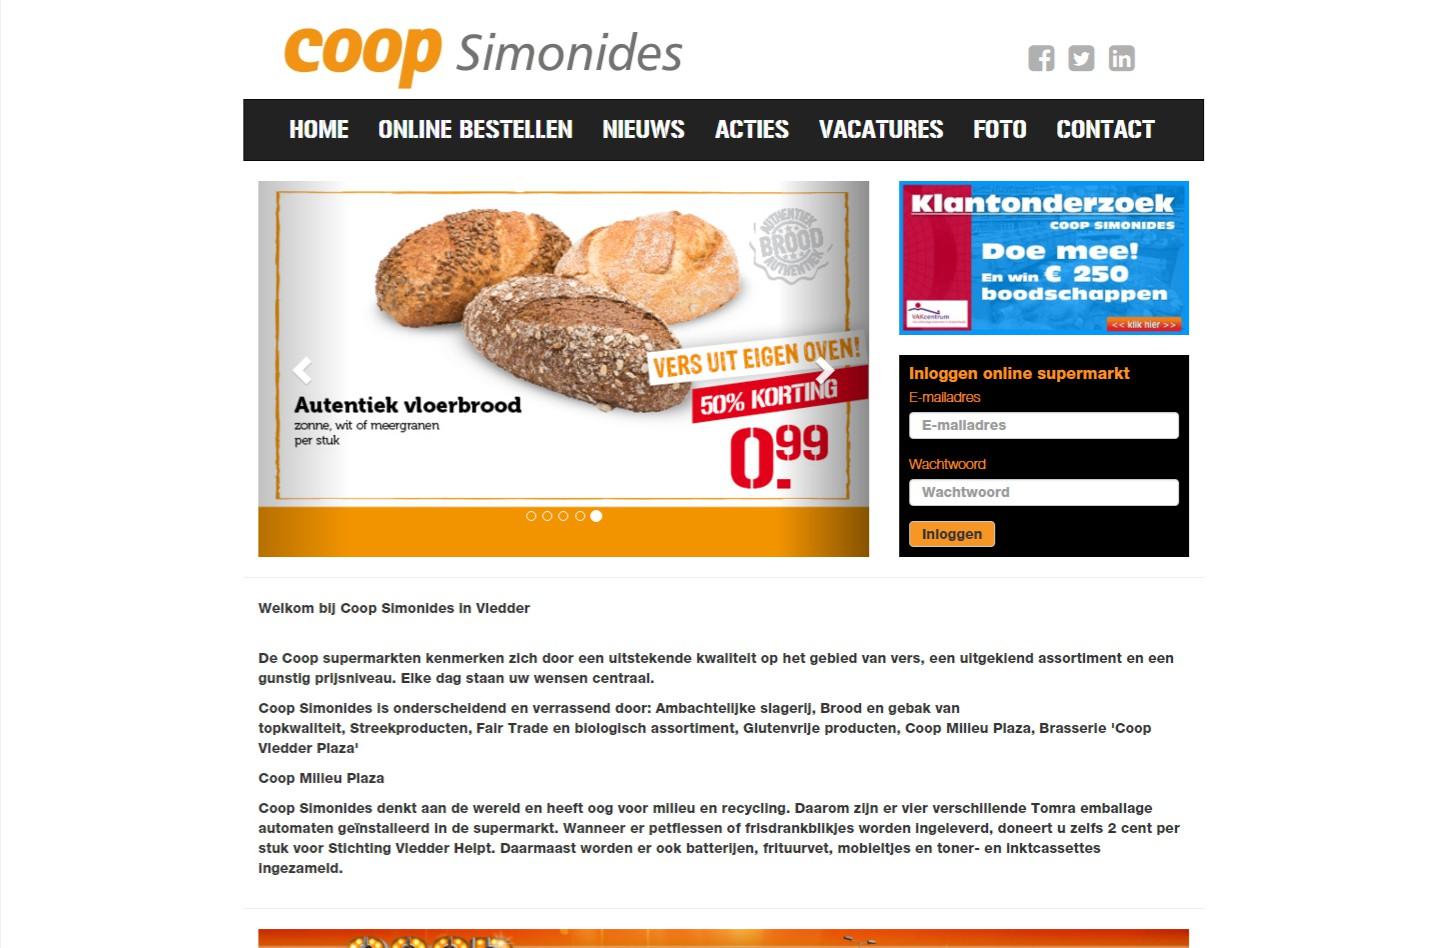 Automatische feed van aanbiedingen en banners vanaf de landelijke COOP website. Alle pagina's en banners kunnen via het CMS worden beheerd en toegevoegd. Bijzonder is de mogelijkheid om zelf aanbiedingen met een tijdstempel toe te voegen via het CMS +++www.simonides.nl